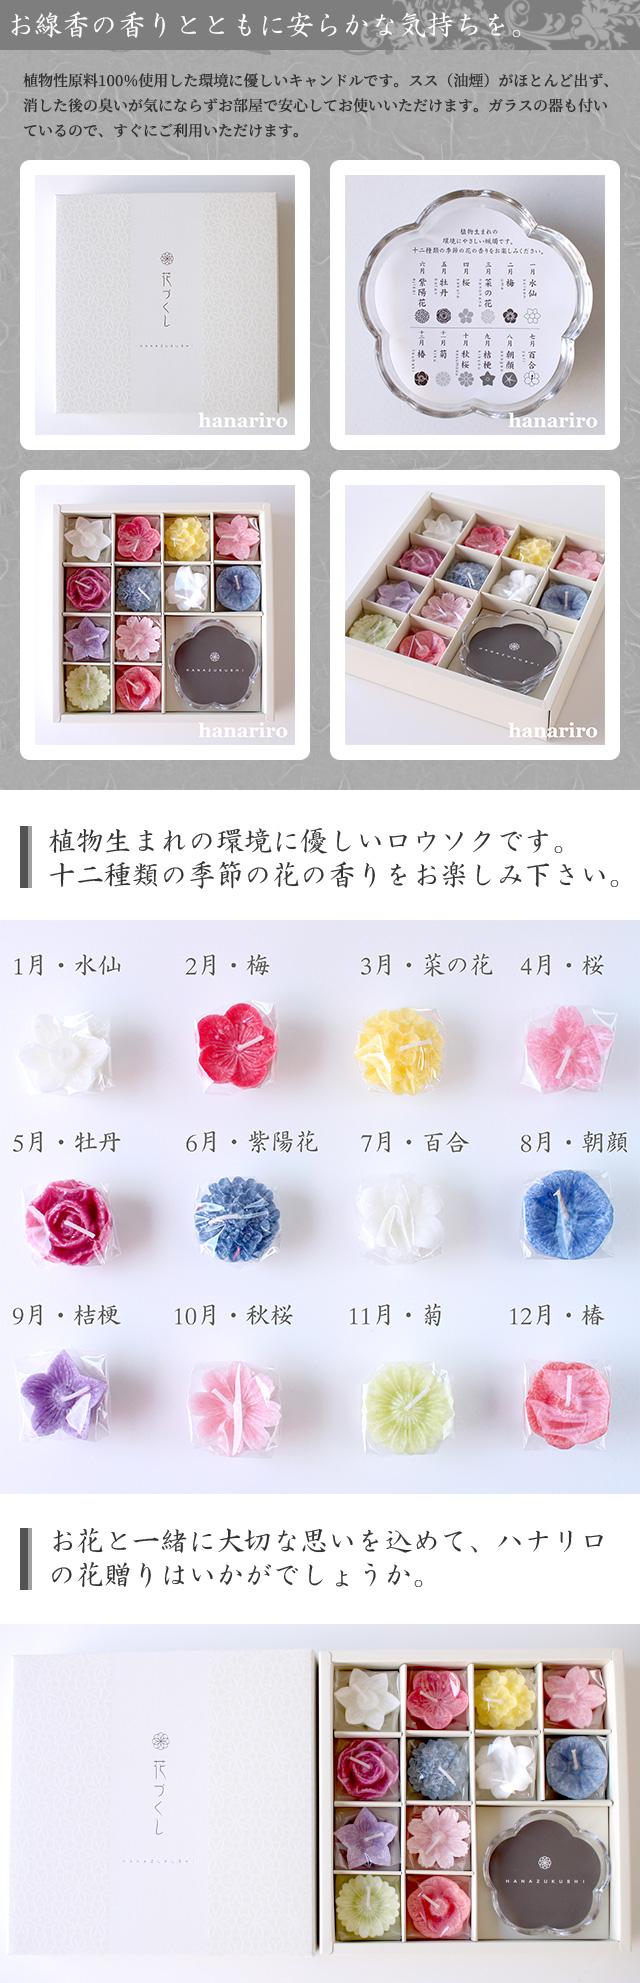 アレンジ「花ずくし(ロウソク)」/プリザーブドフラワーギフト